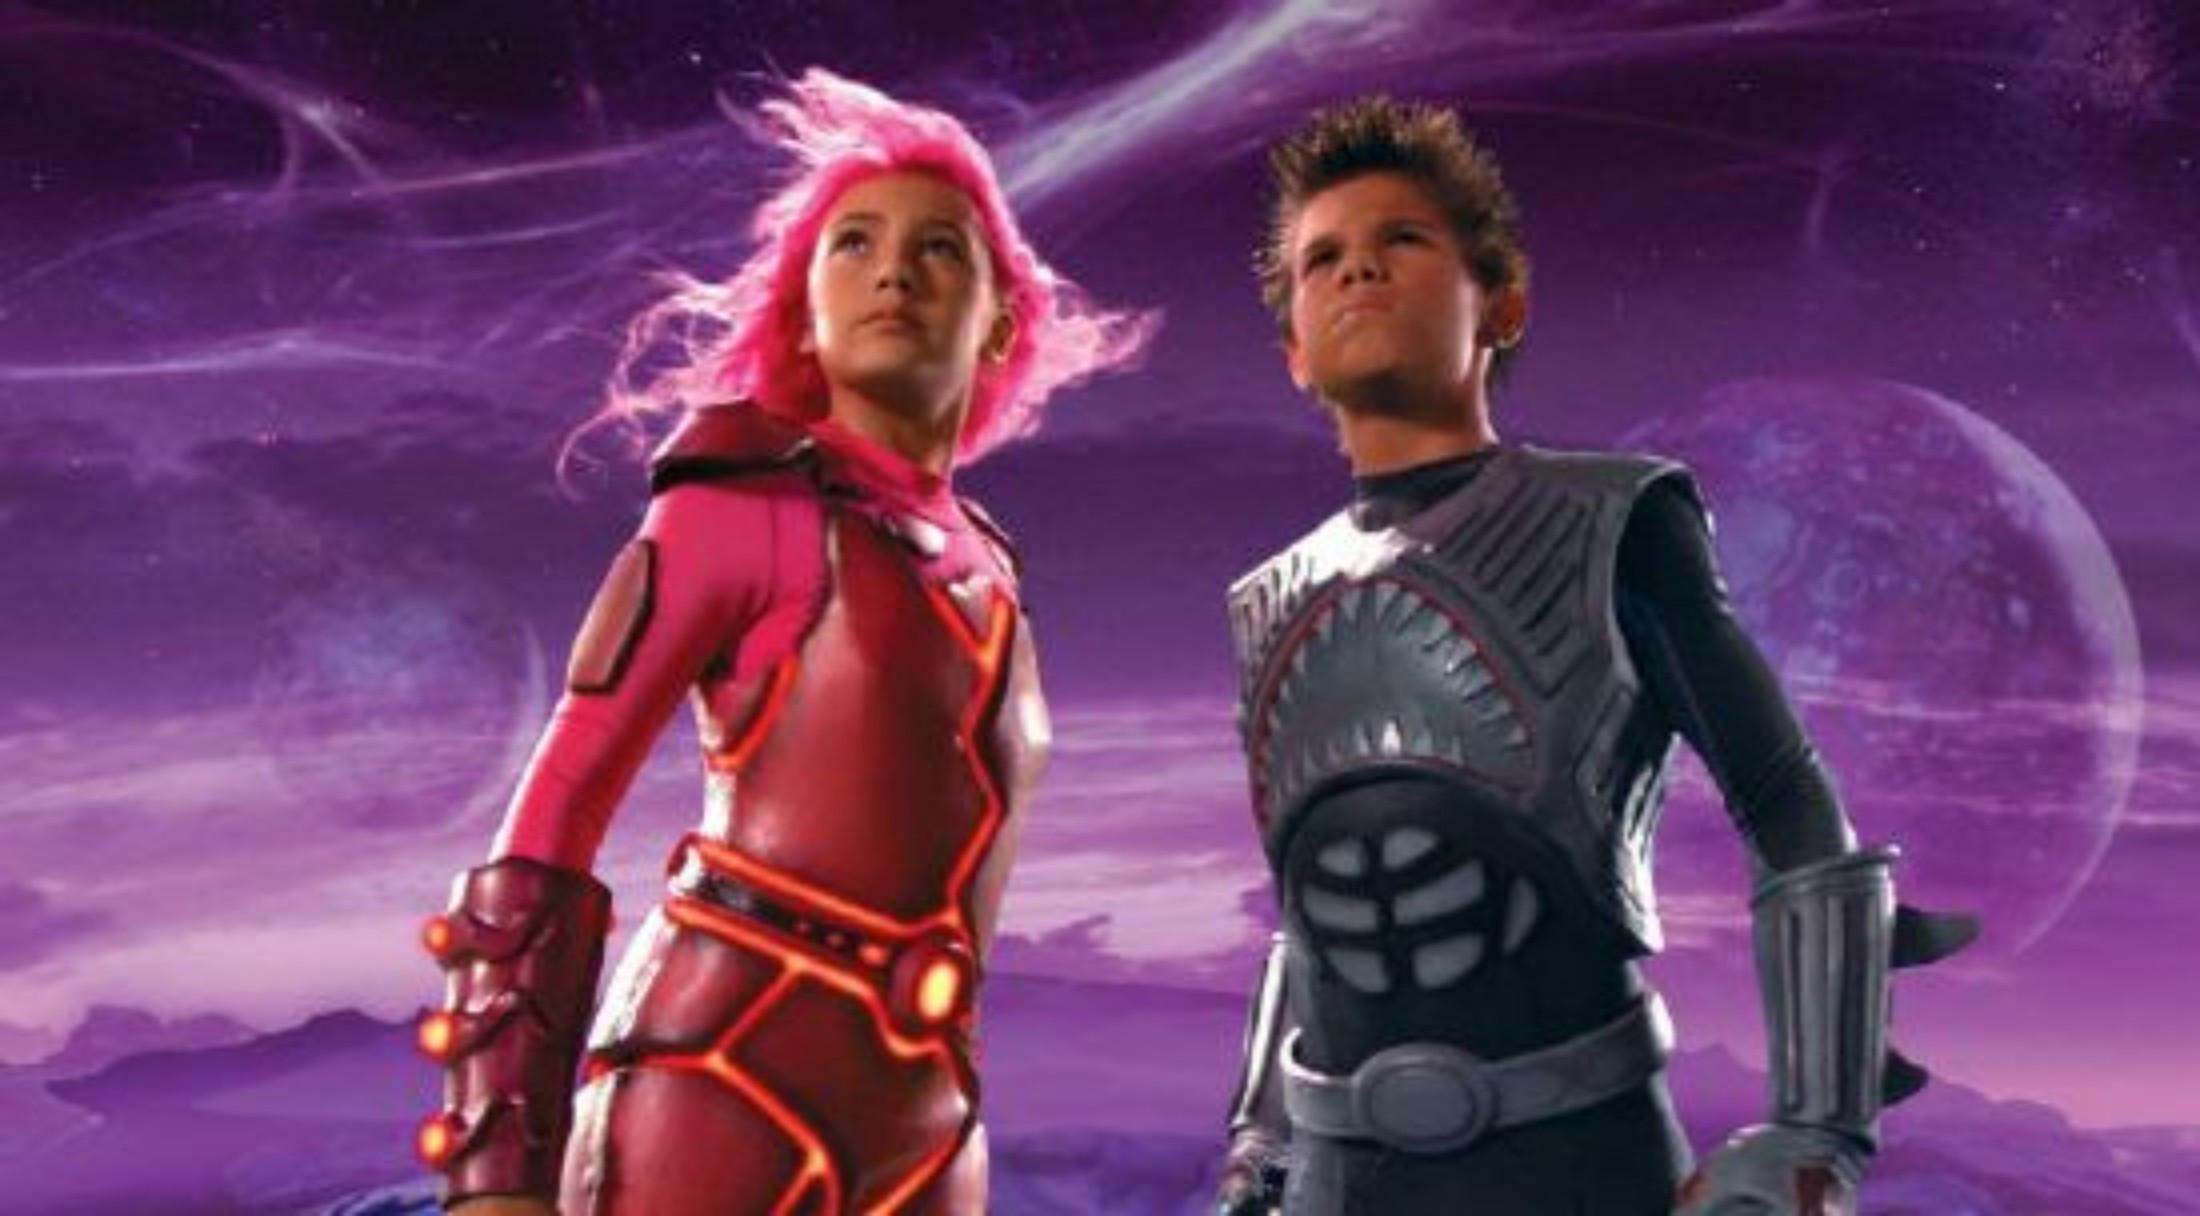 Filmes de super-heróis que caíram no esquecimento